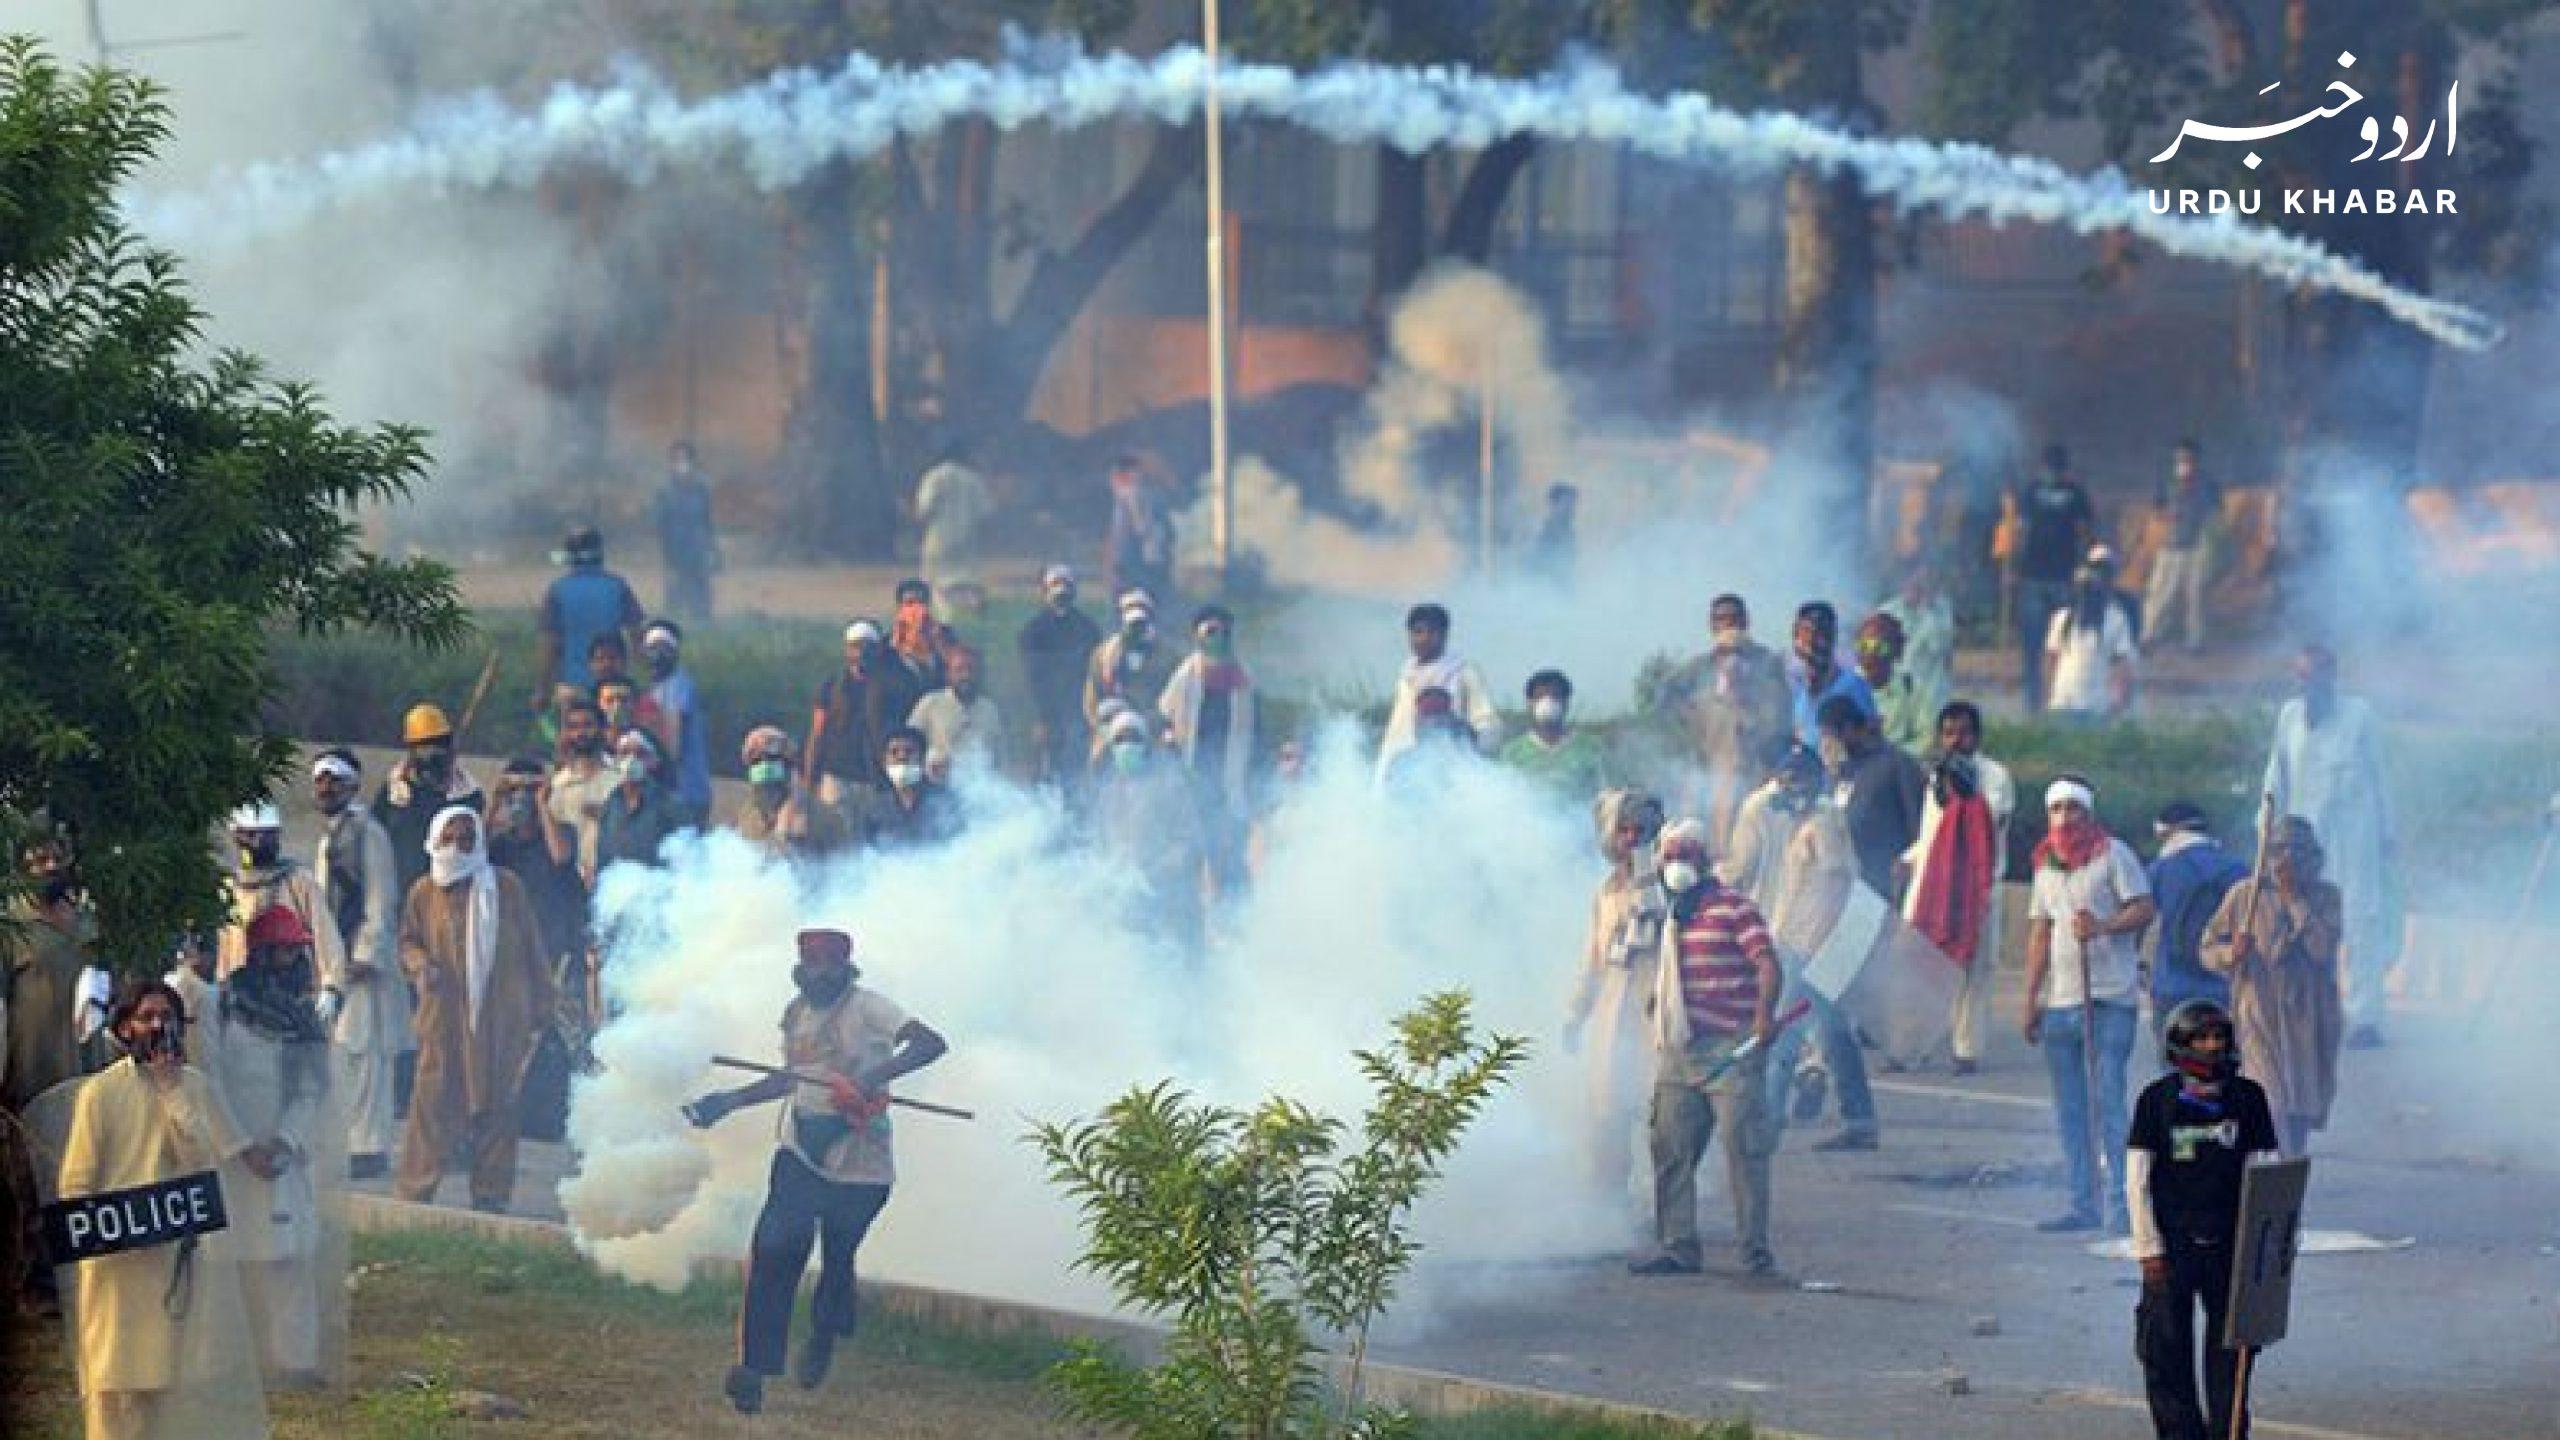 اسلام آباد میں سرکاری ملازمین کا تنخواہ بڑھانے کا مطالبہ، احتجاج پر پولیس کا آنسو گیس